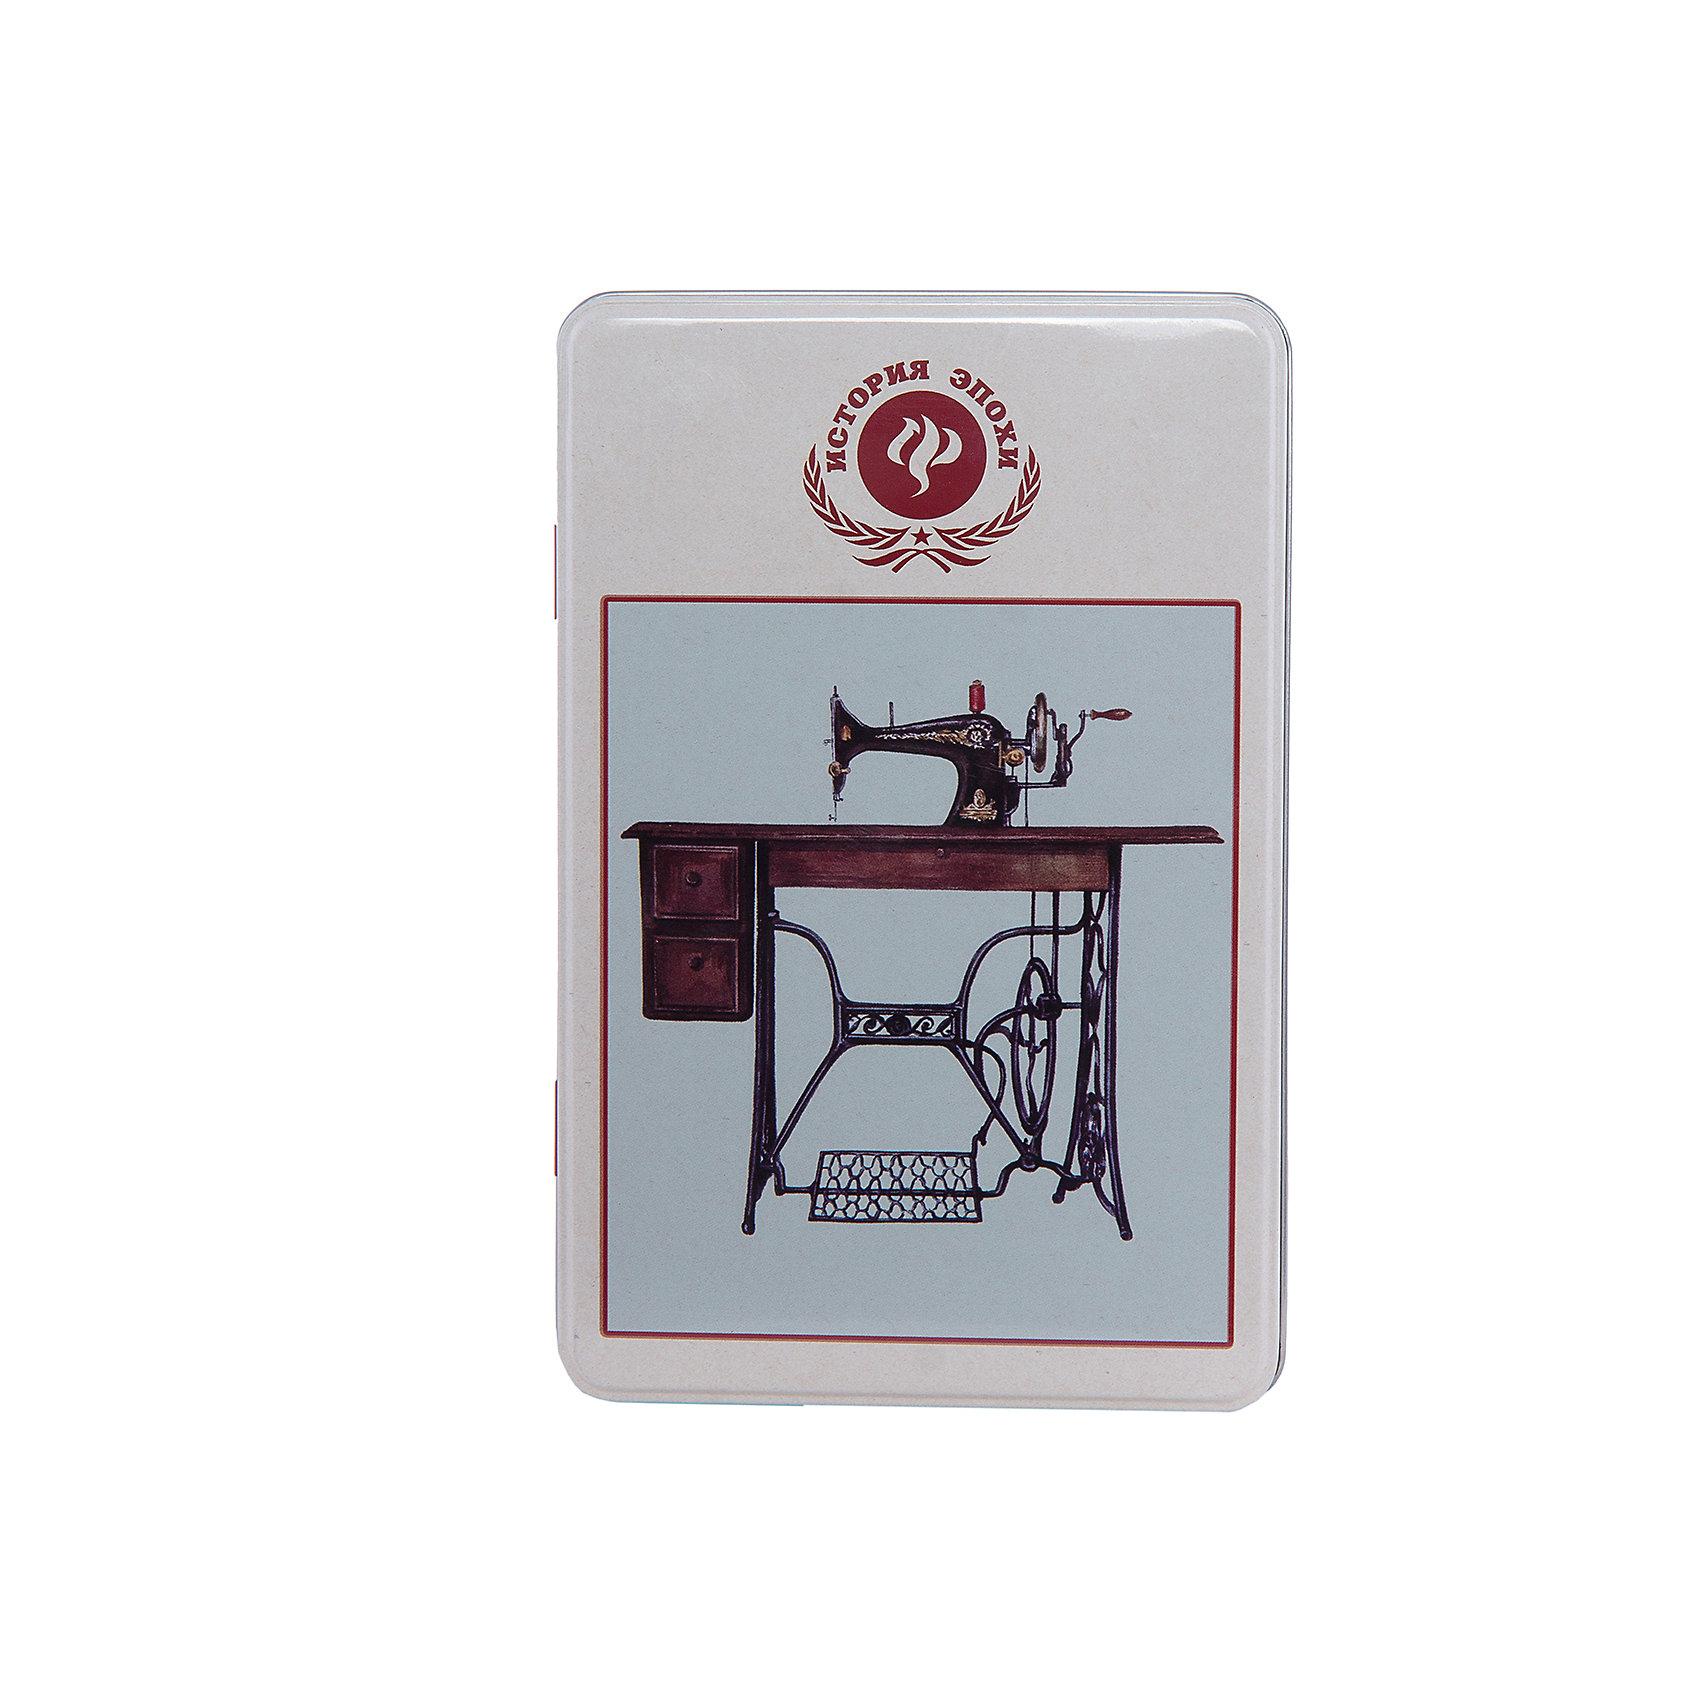 Коробка для бытовых нужд Советская швейная машинка 1700млСоветская швейная машинка - металлическая коробка для бытовых нужд, в которую прекрасно поместятся  небольшие предметы для дома. Коробка закрывается крышкой и декорирована  рисунком с советской швейной машинкой. С такой коробкой приятно будет добавить немного ретро в свой дом.<br><br>Дополнительная информация:<br>Материал: металл<br>Размер: 20х7 см<br>Объем: 1700 мл<br>Коробку для бытовых нужд Советская швейная машинка вы можете приобрести в нашем интернет-магазине.<br><br>Ширина мм: 420<br>Глубина мм: 430<br>Высота мм: 550<br>Вес г: 183<br>Возраст от месяцев: 84<br>Возраст до месяцев: 216<br>Пол: Унисекс<br>Возраст: Детский<br>SKU: 4958001